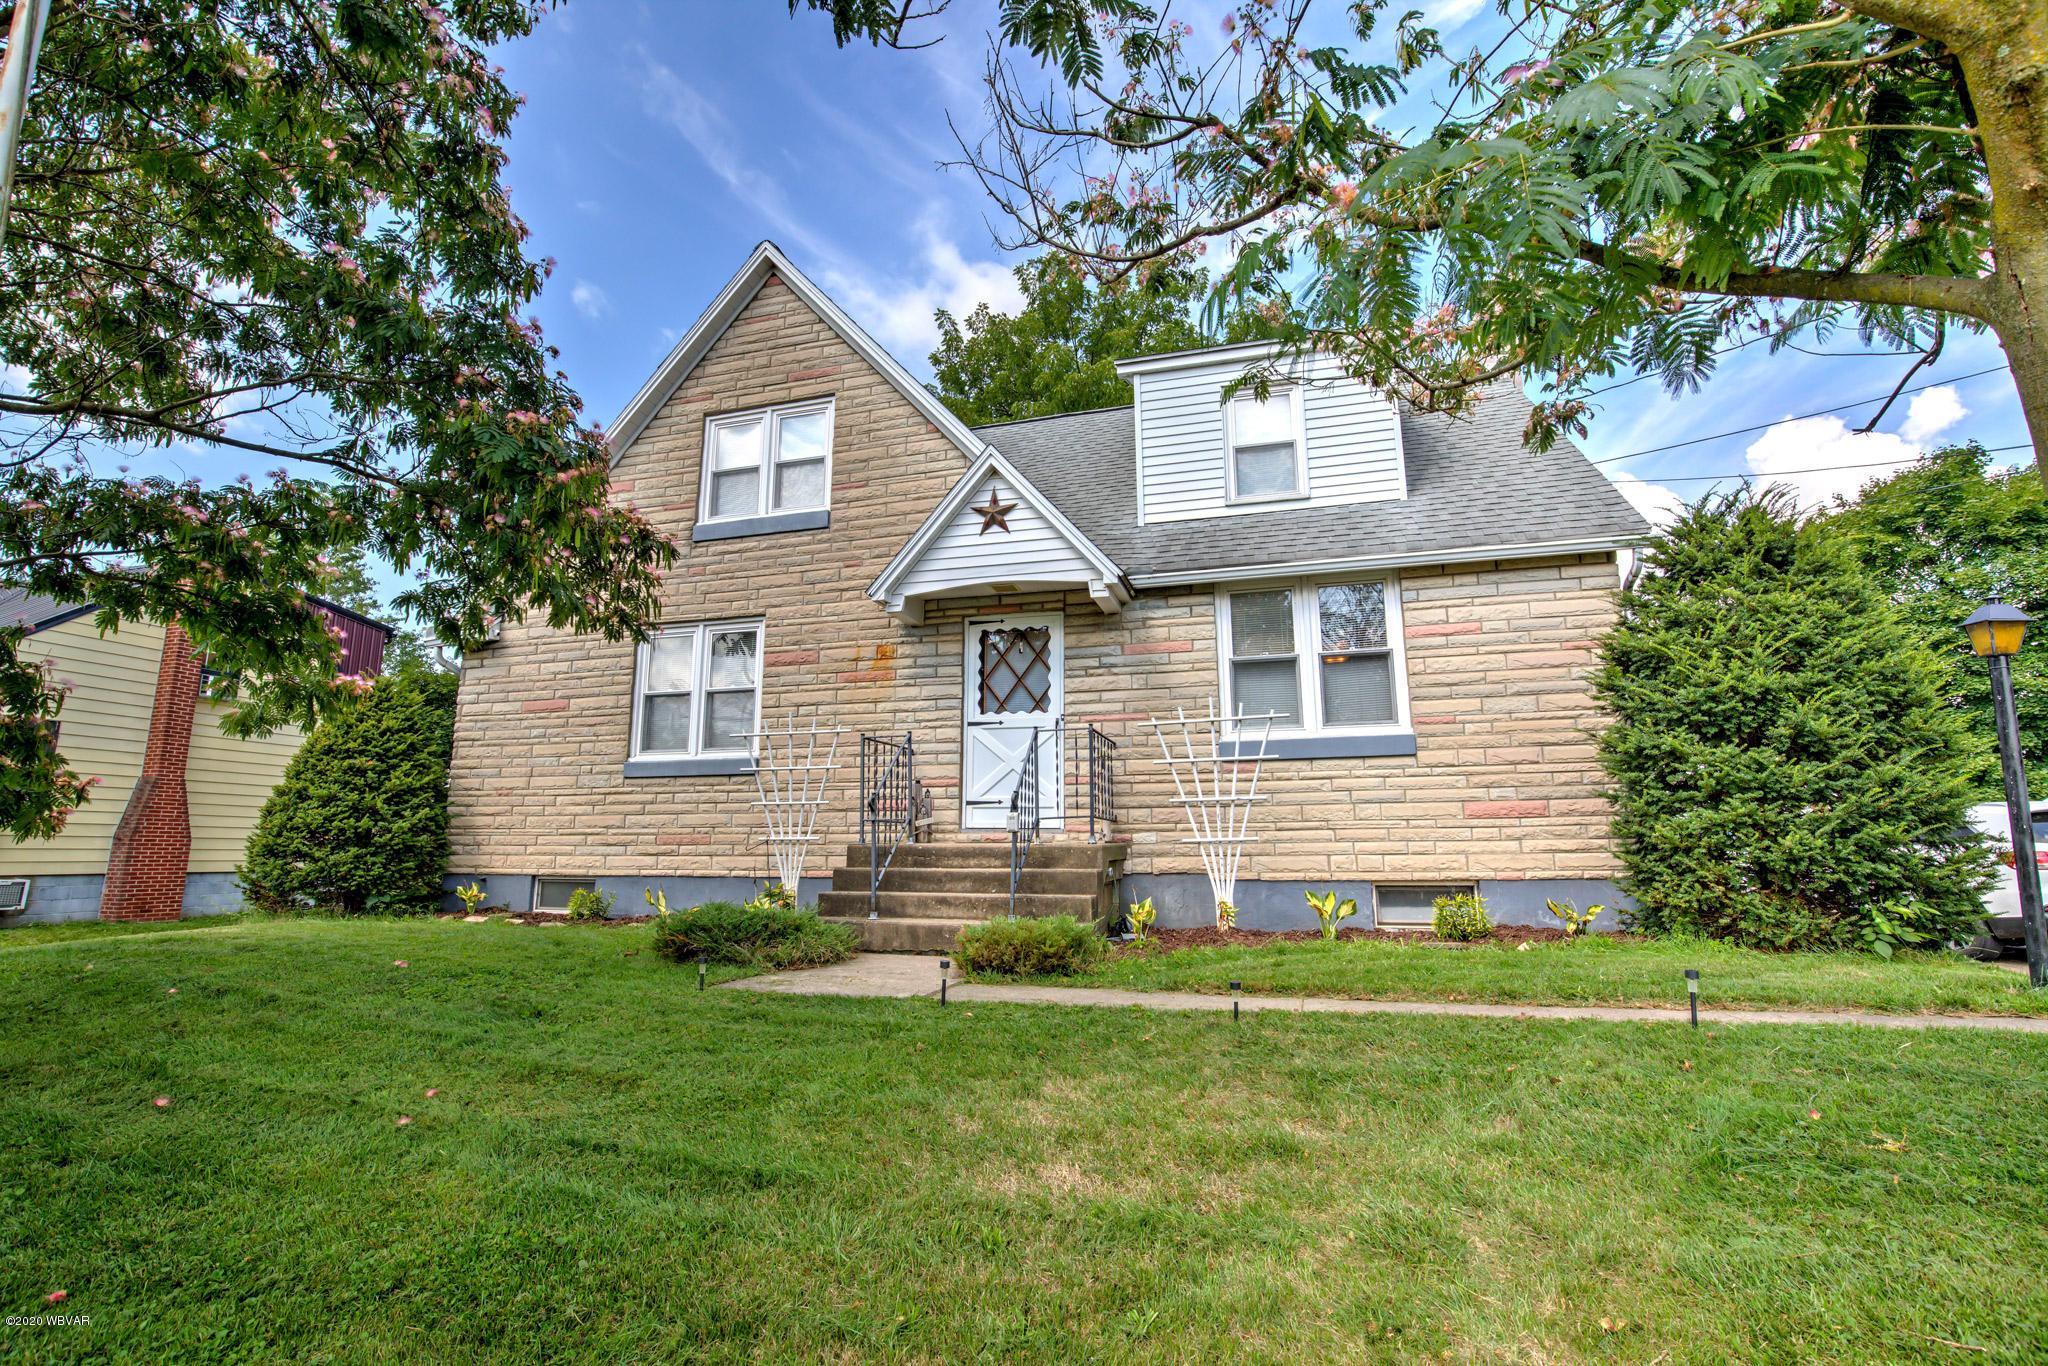 333 JPM ROAD, Lewisburg, PA 17837, 4 Bedrooms Bedrooms, ,2 BathroomsBathrooms,Residential,For sale,JPM,WB-91334